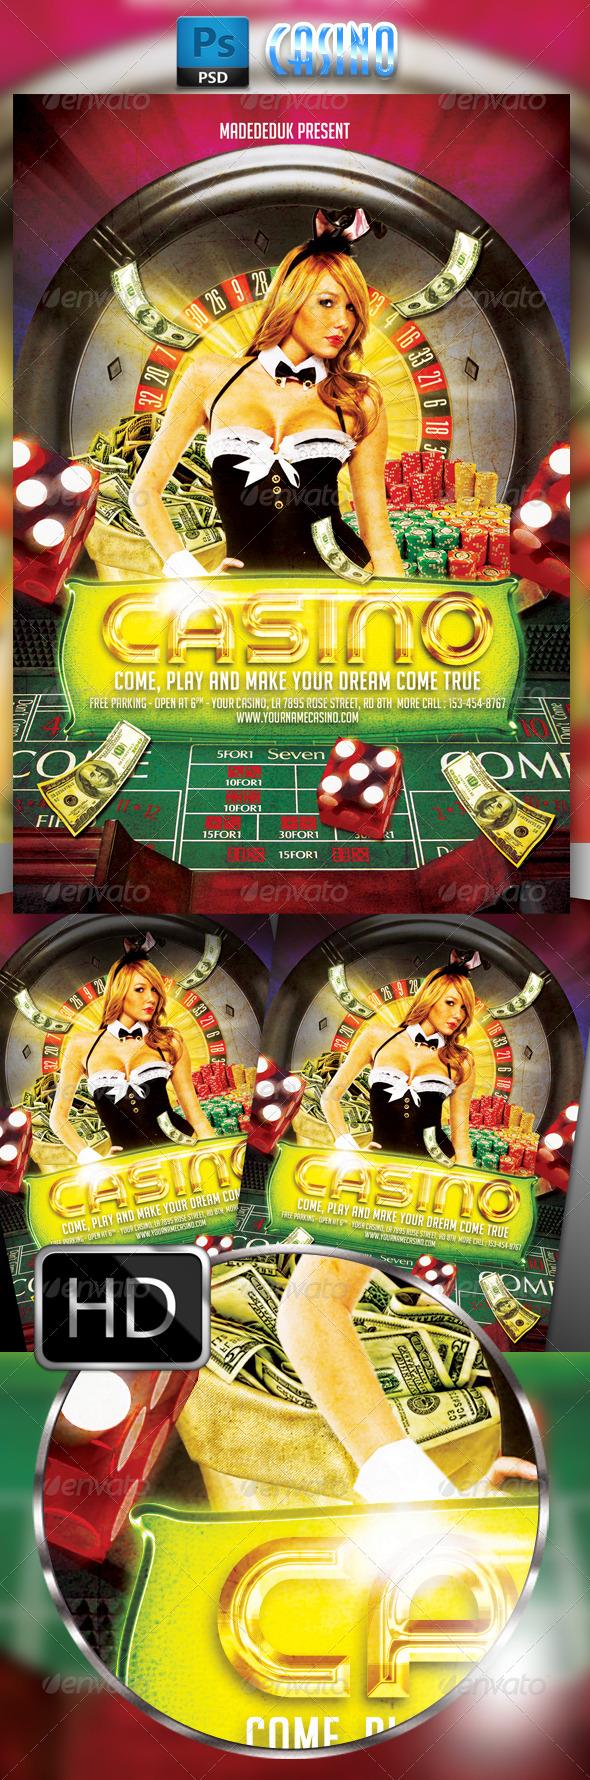 GraphicRiver Casino Flyer Template 7956698